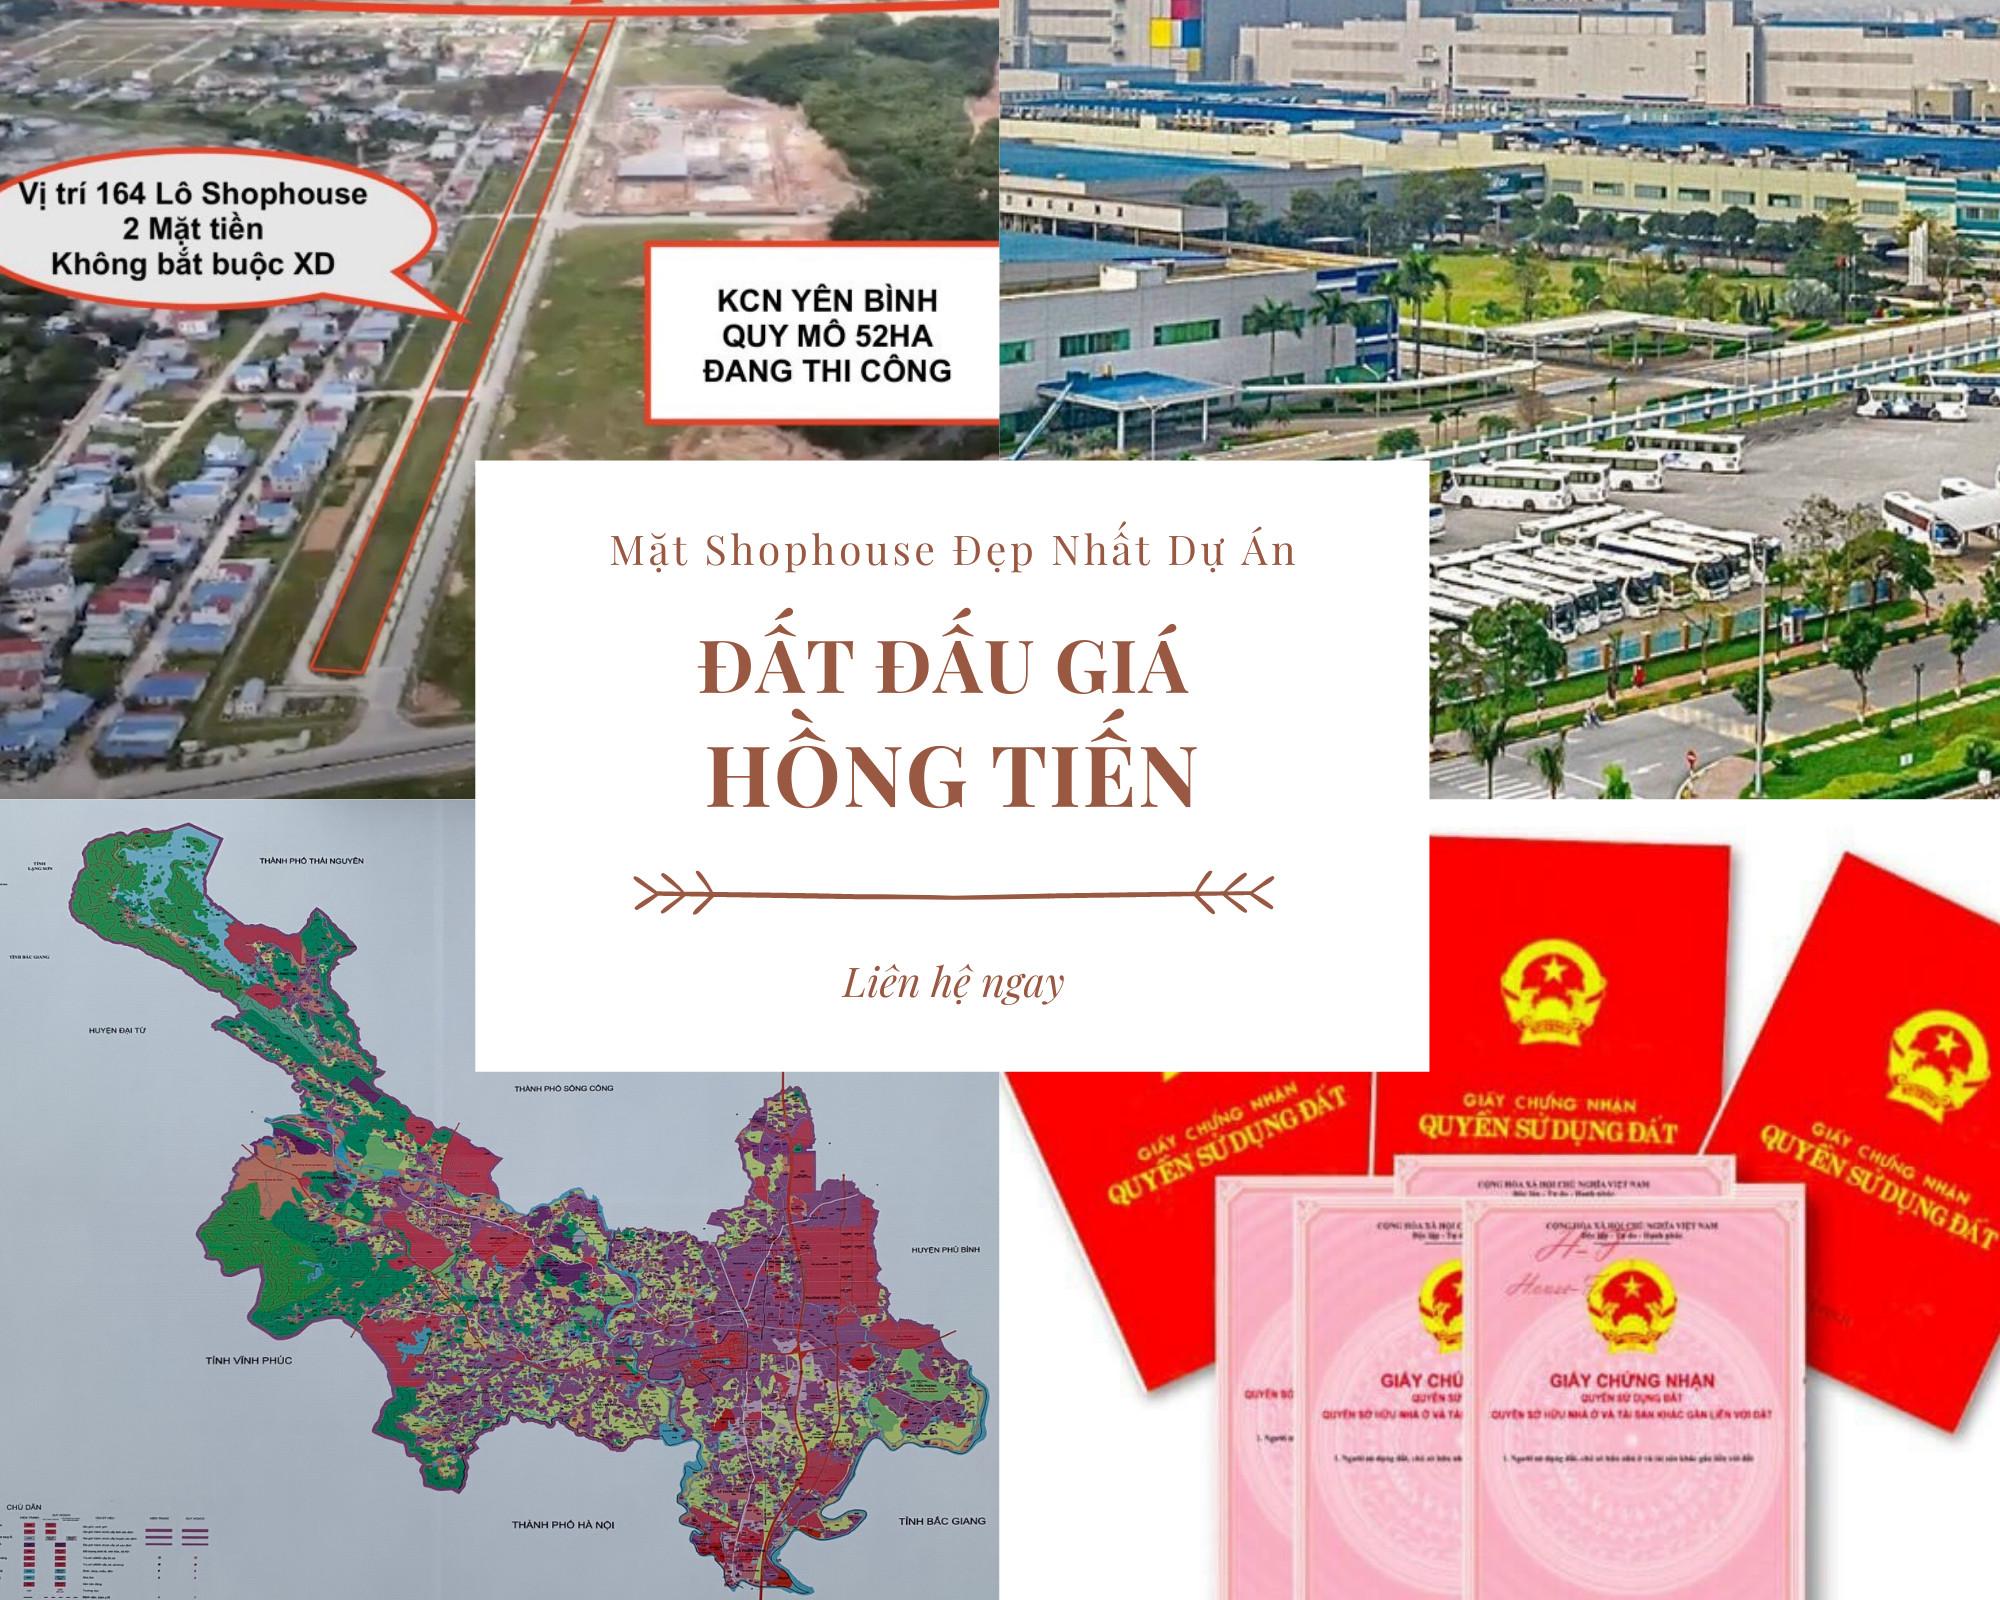 Cần bán Đất Xã Hồng Tiến, Phổ Yên, Diện tích 108m², Giá Thương lượng - LH: 0916871030